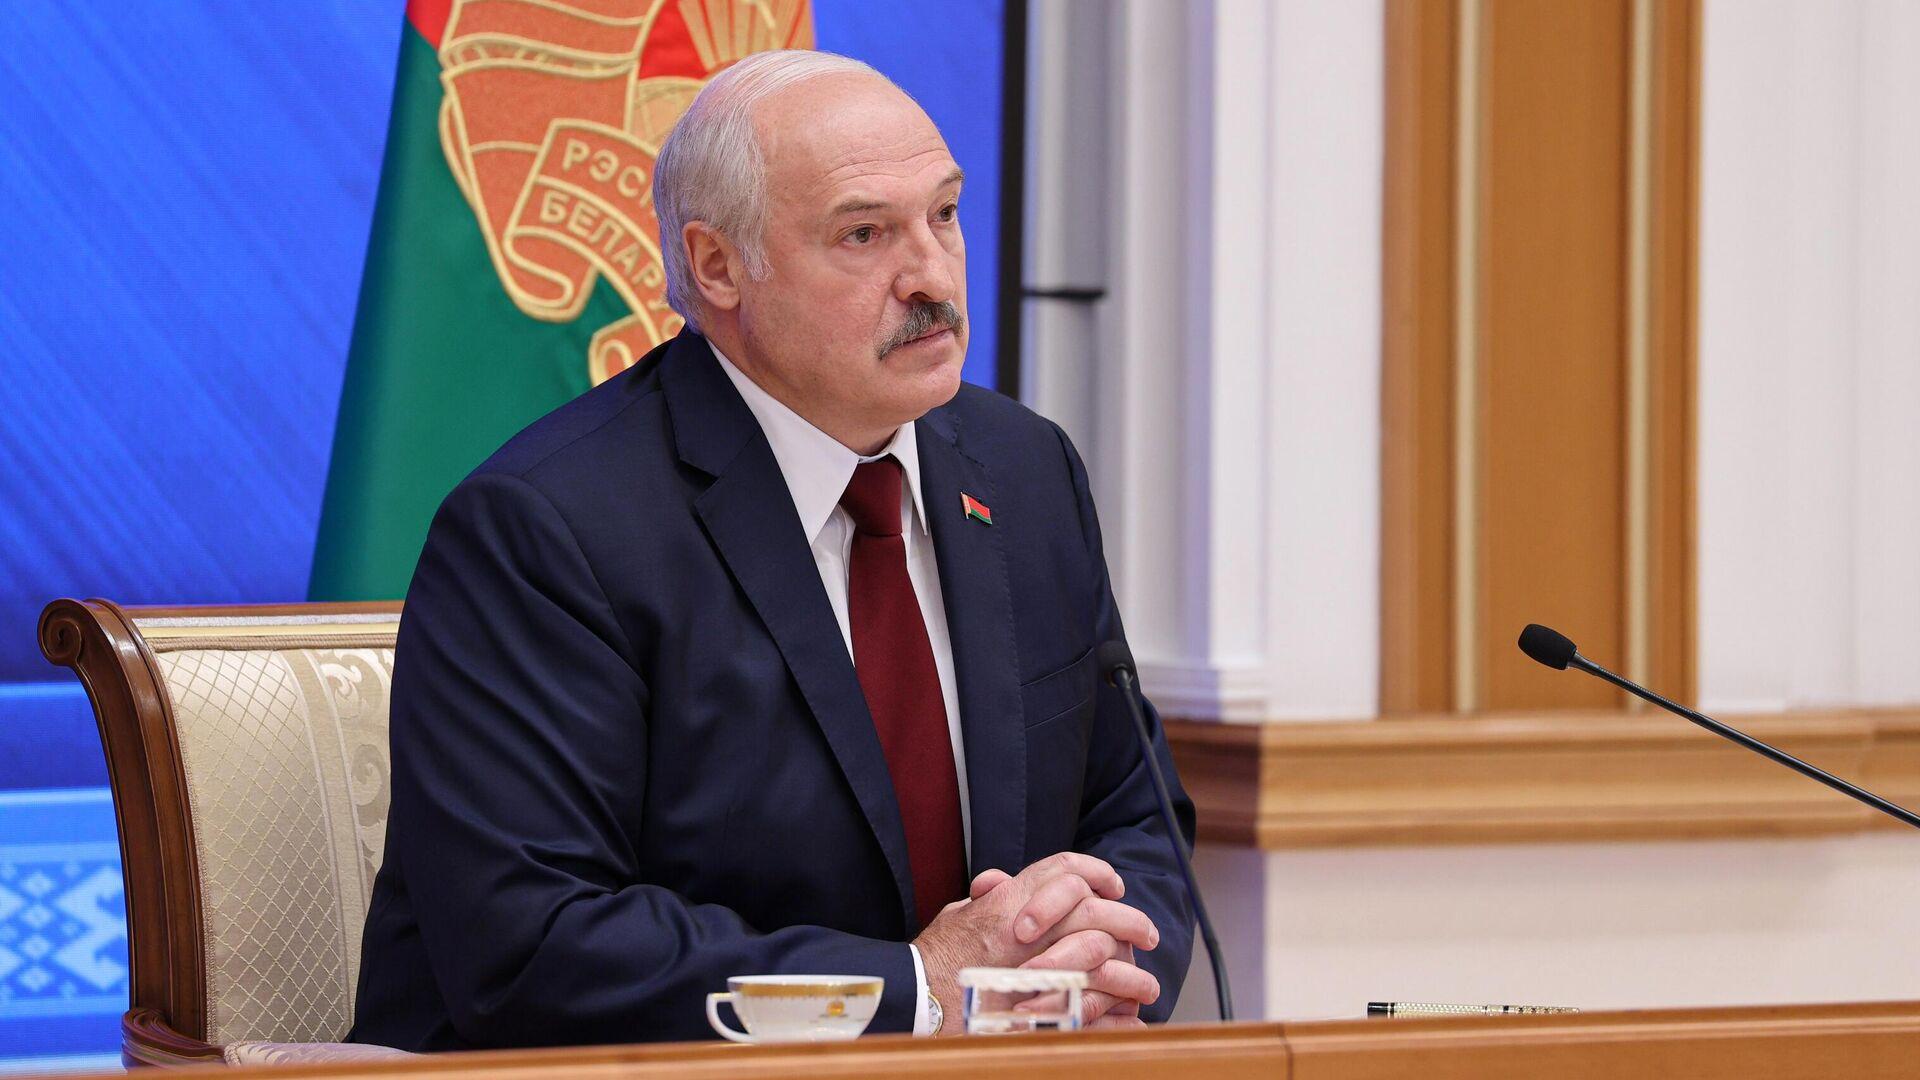 Президент Белоруссии Александр Лукашенко во время встречи с журналистами, представителями общественности, экспертного и медийного сообщества - РИА Новости, 1920, 28.09.2021